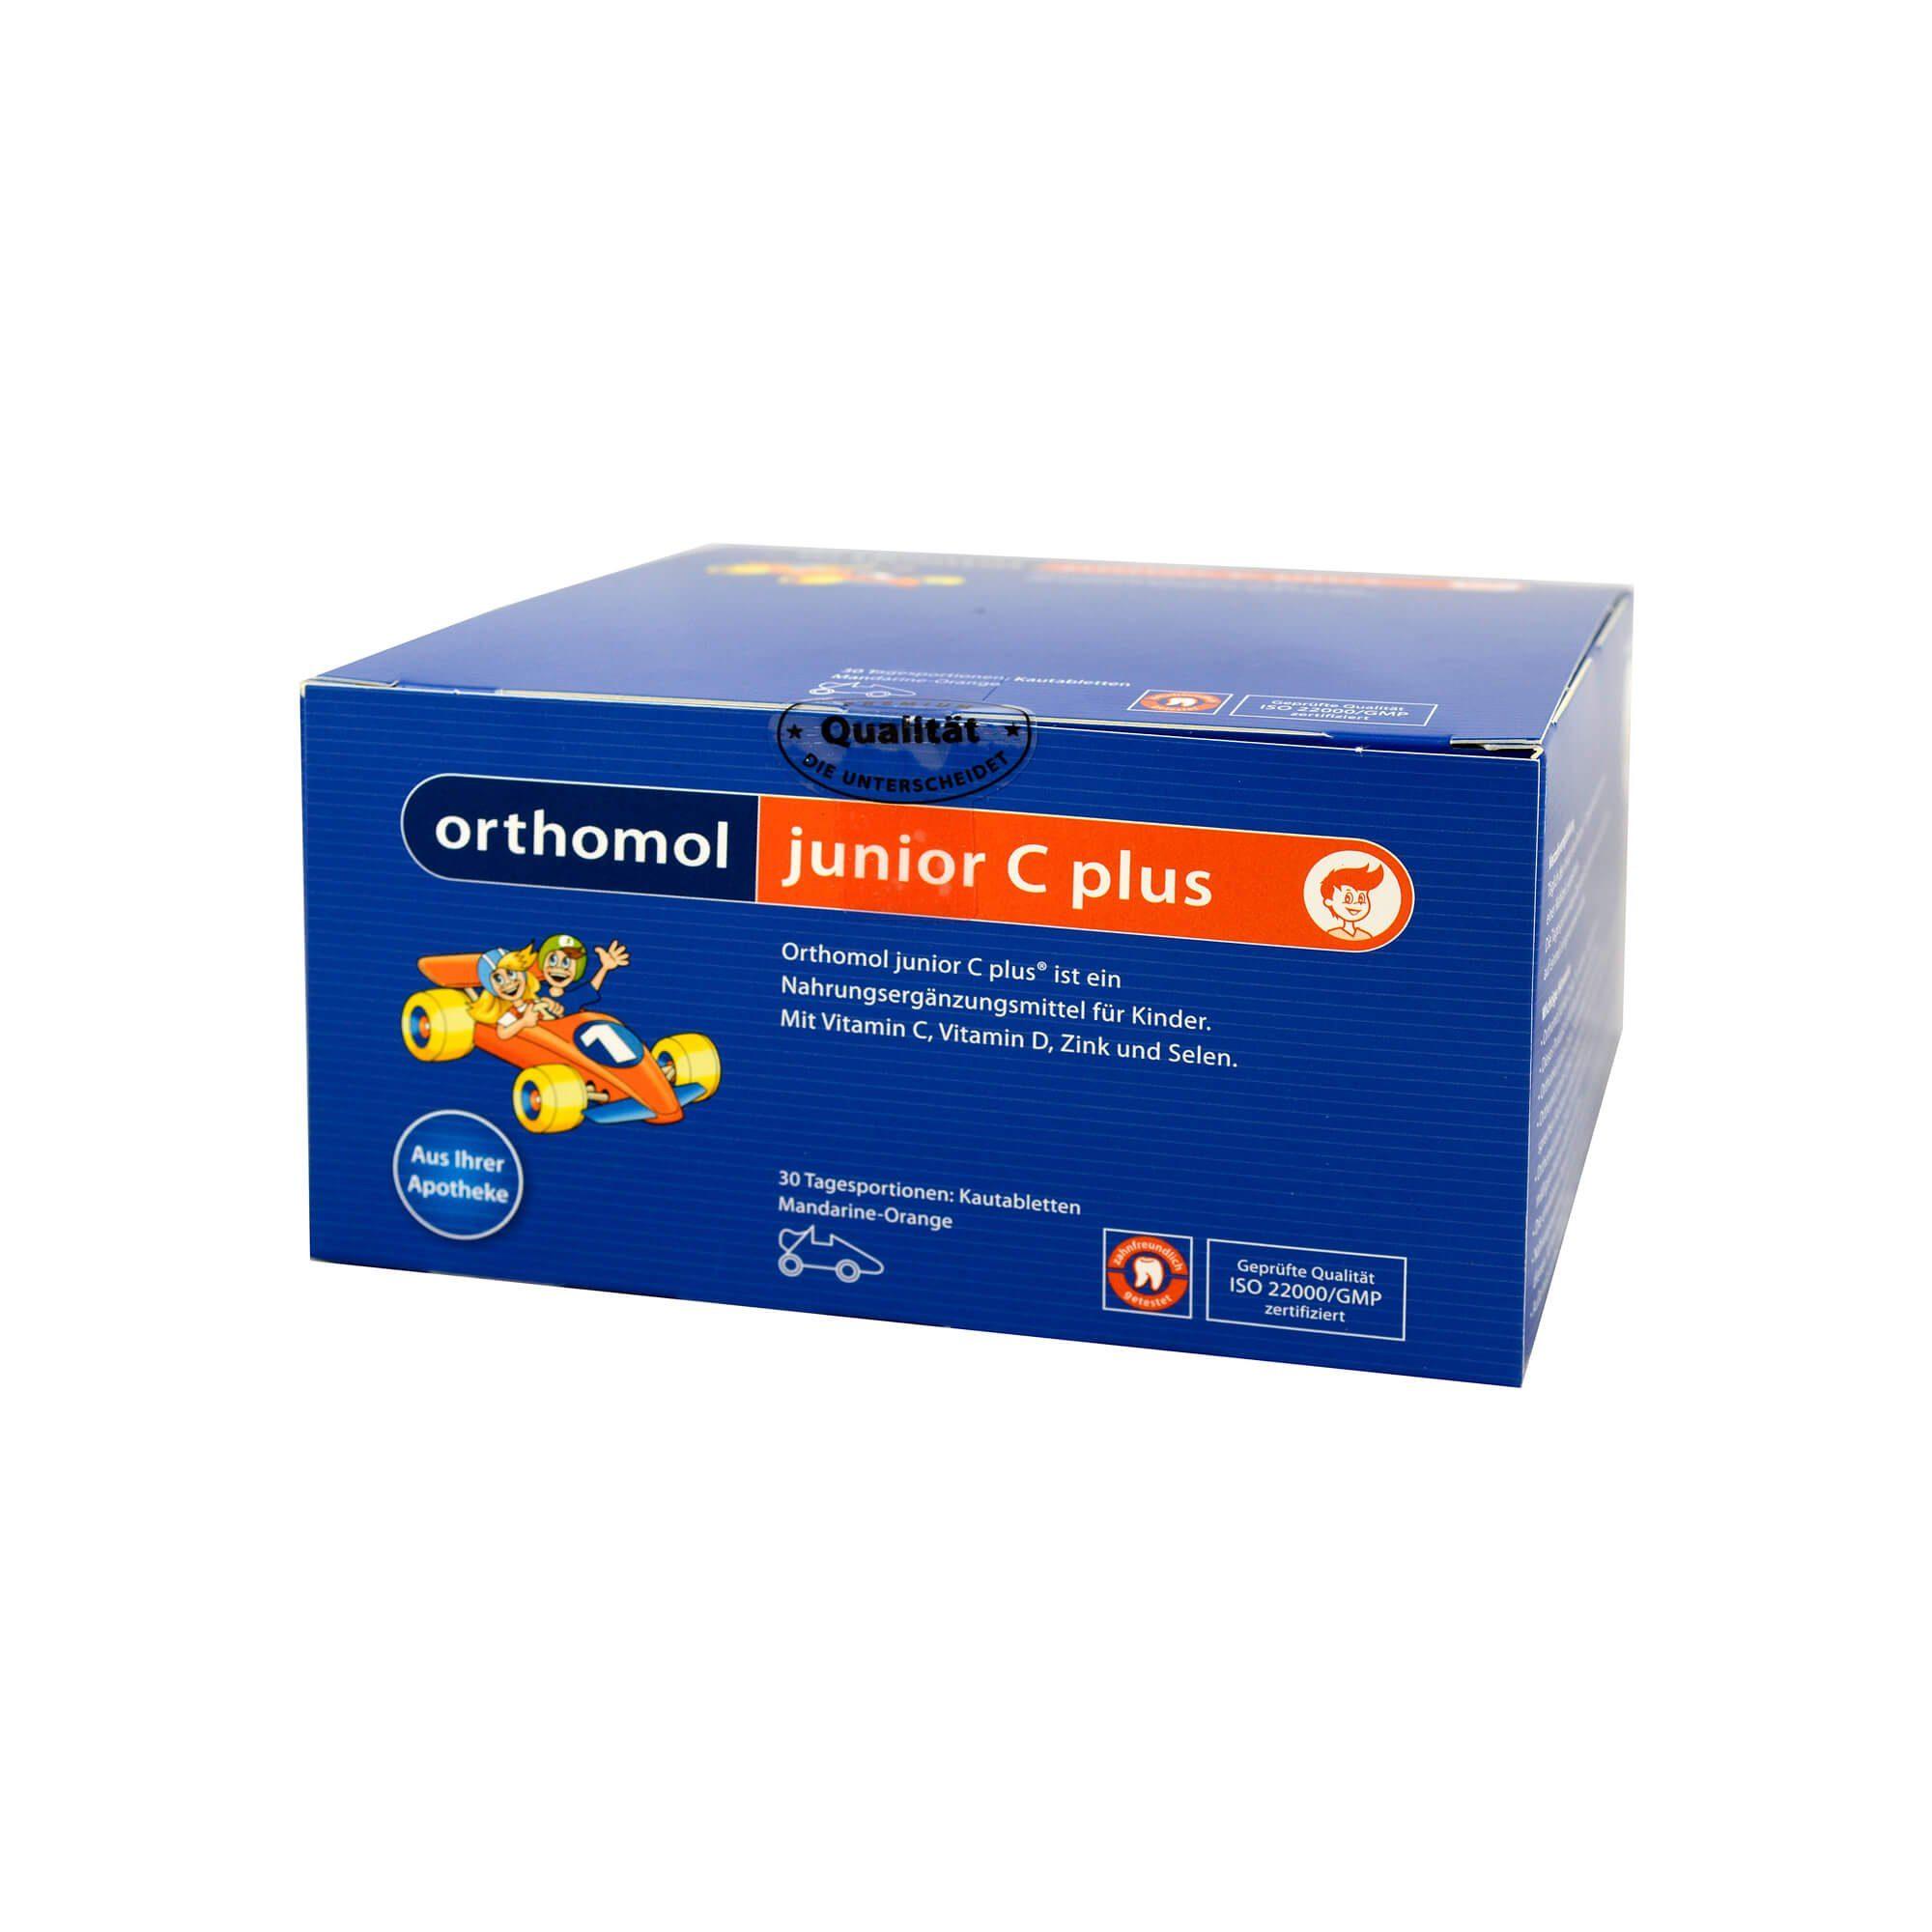 Orthomol Orthomol Junior C plus Kautabletten Mandarine/Orange , 30 St